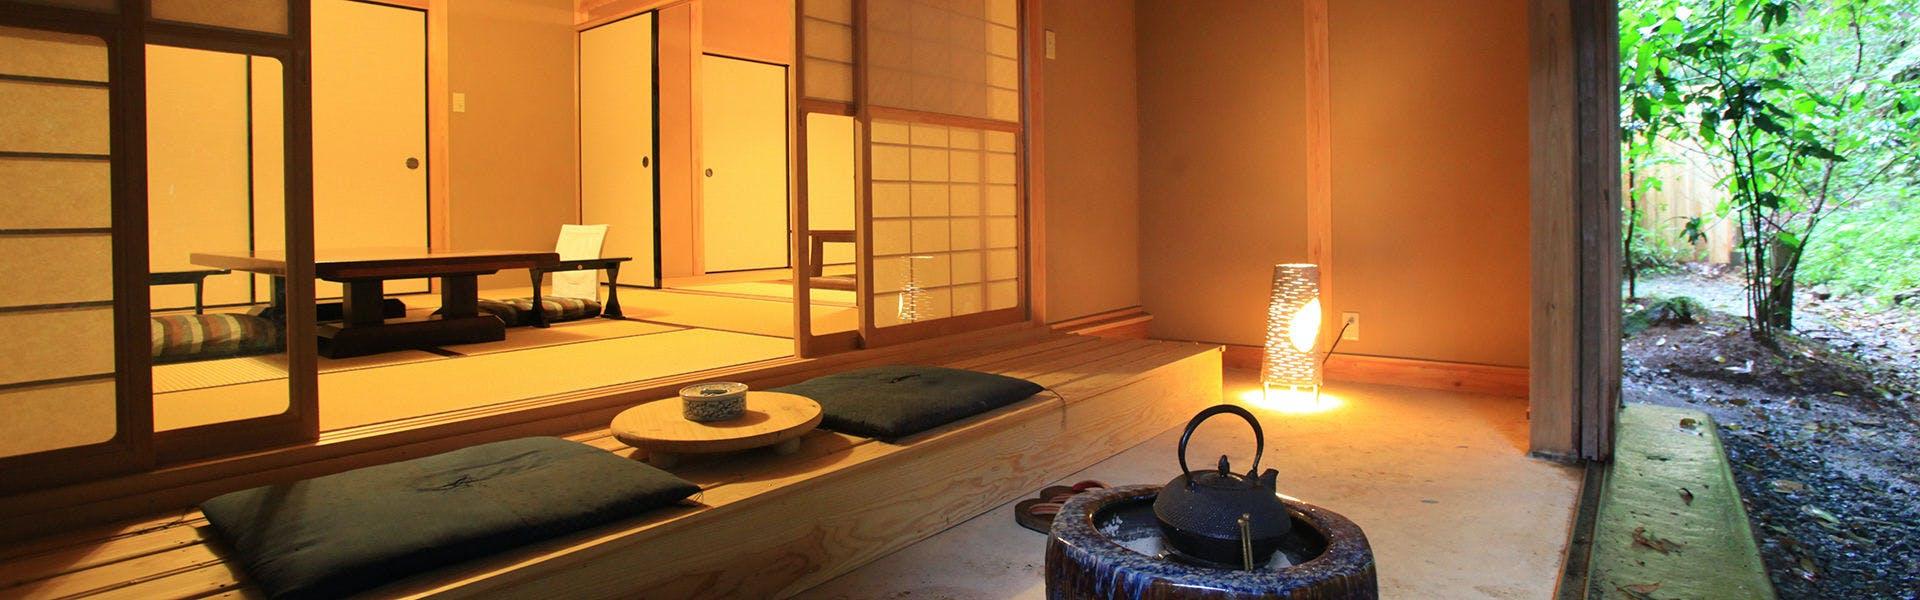 記念日におすすめのホテル・【平山温泉 豆富屋やまと】の写真1